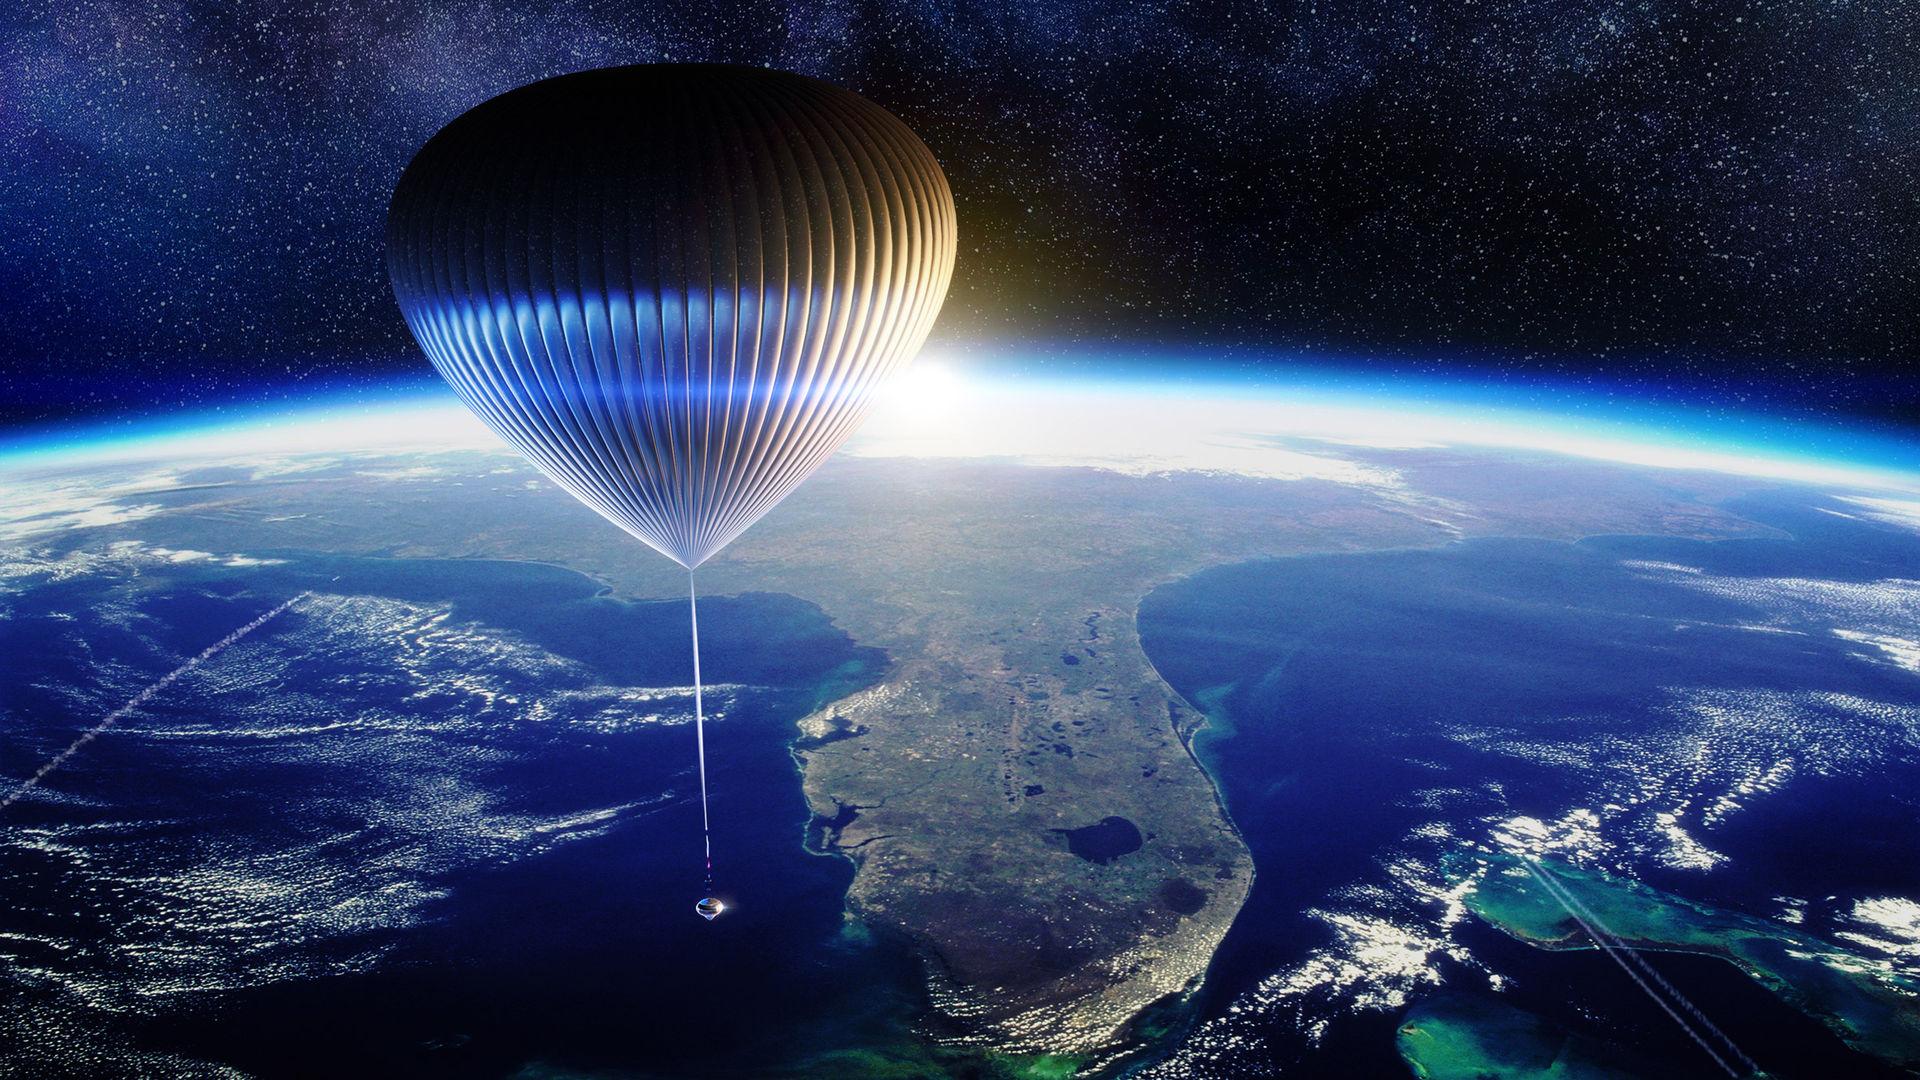 Företag planerar att flyga turister till stratosfären i en ballong